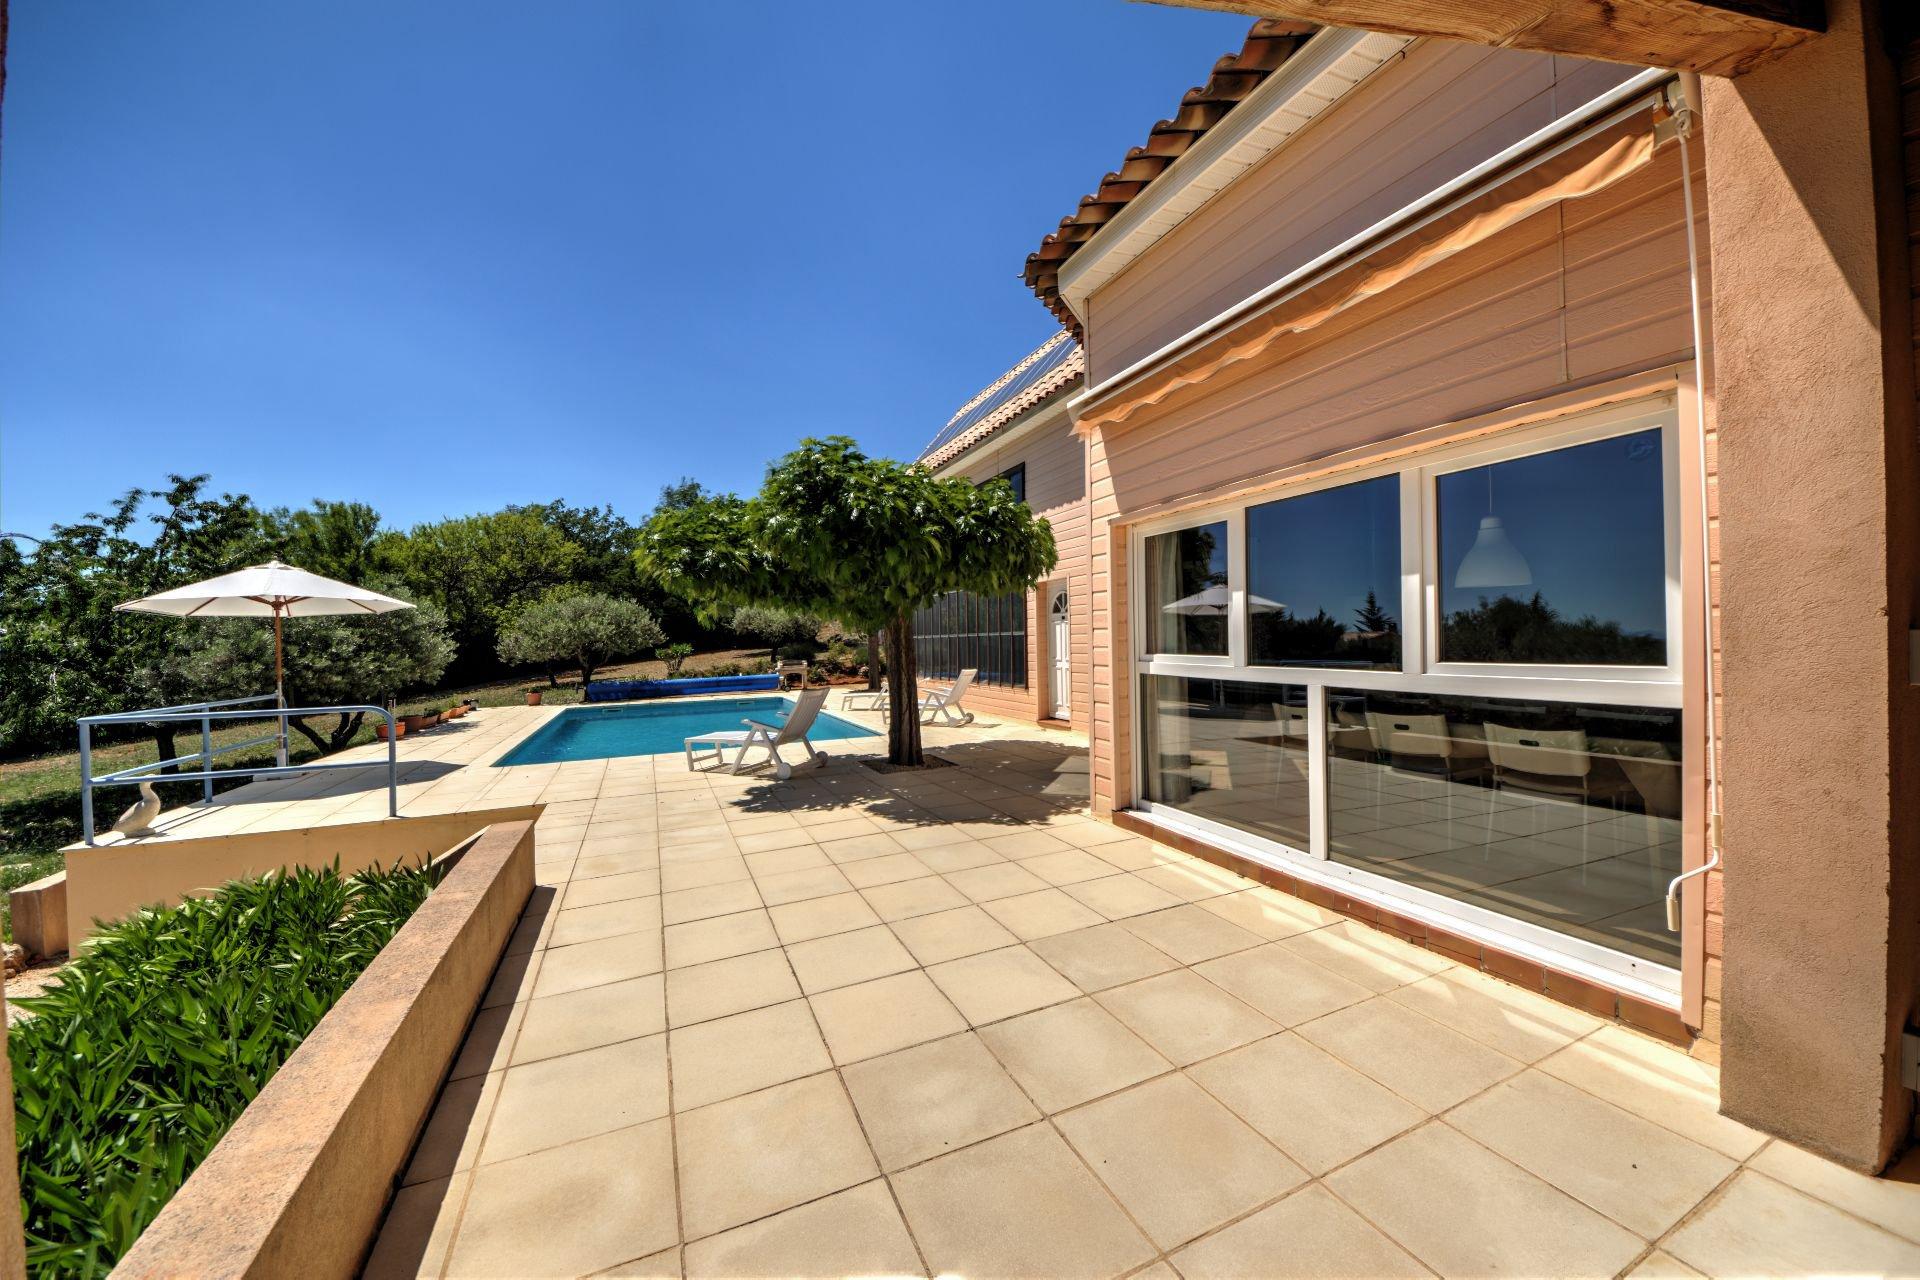 Terrasse de Maison à ossature bois HPE, 180 m², 5 ch, piscine, Aups, Var, Provence, Paca